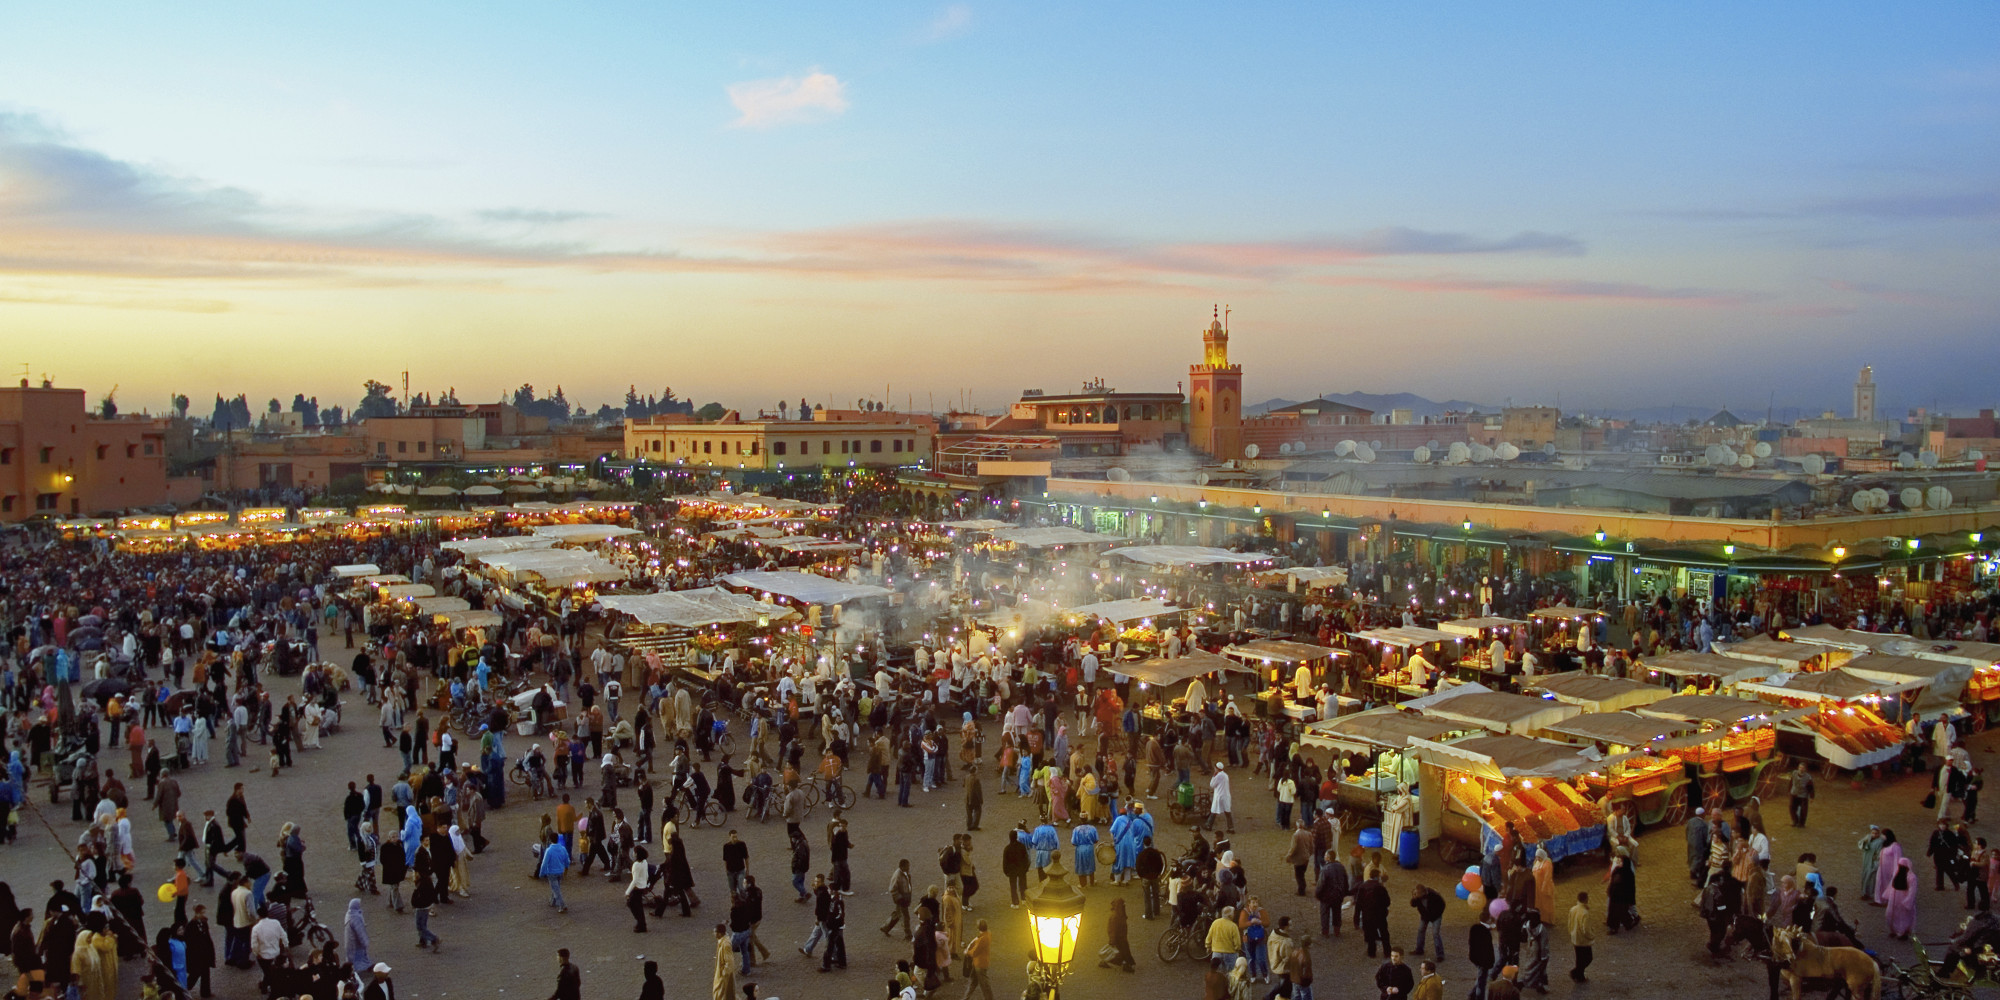 Che temperature Marrakech a luglio